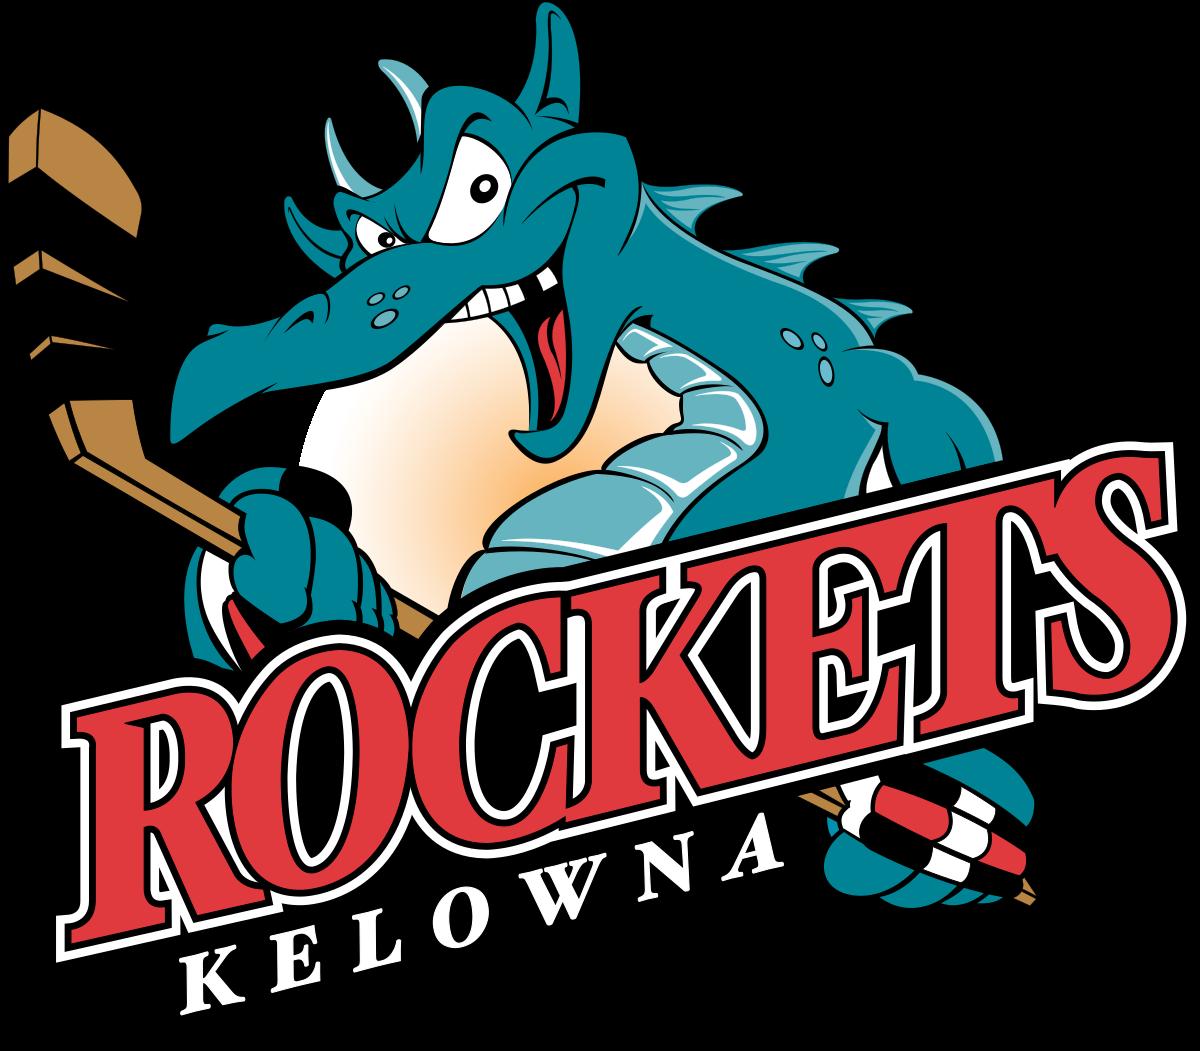 Kelowna Rockets Hockey